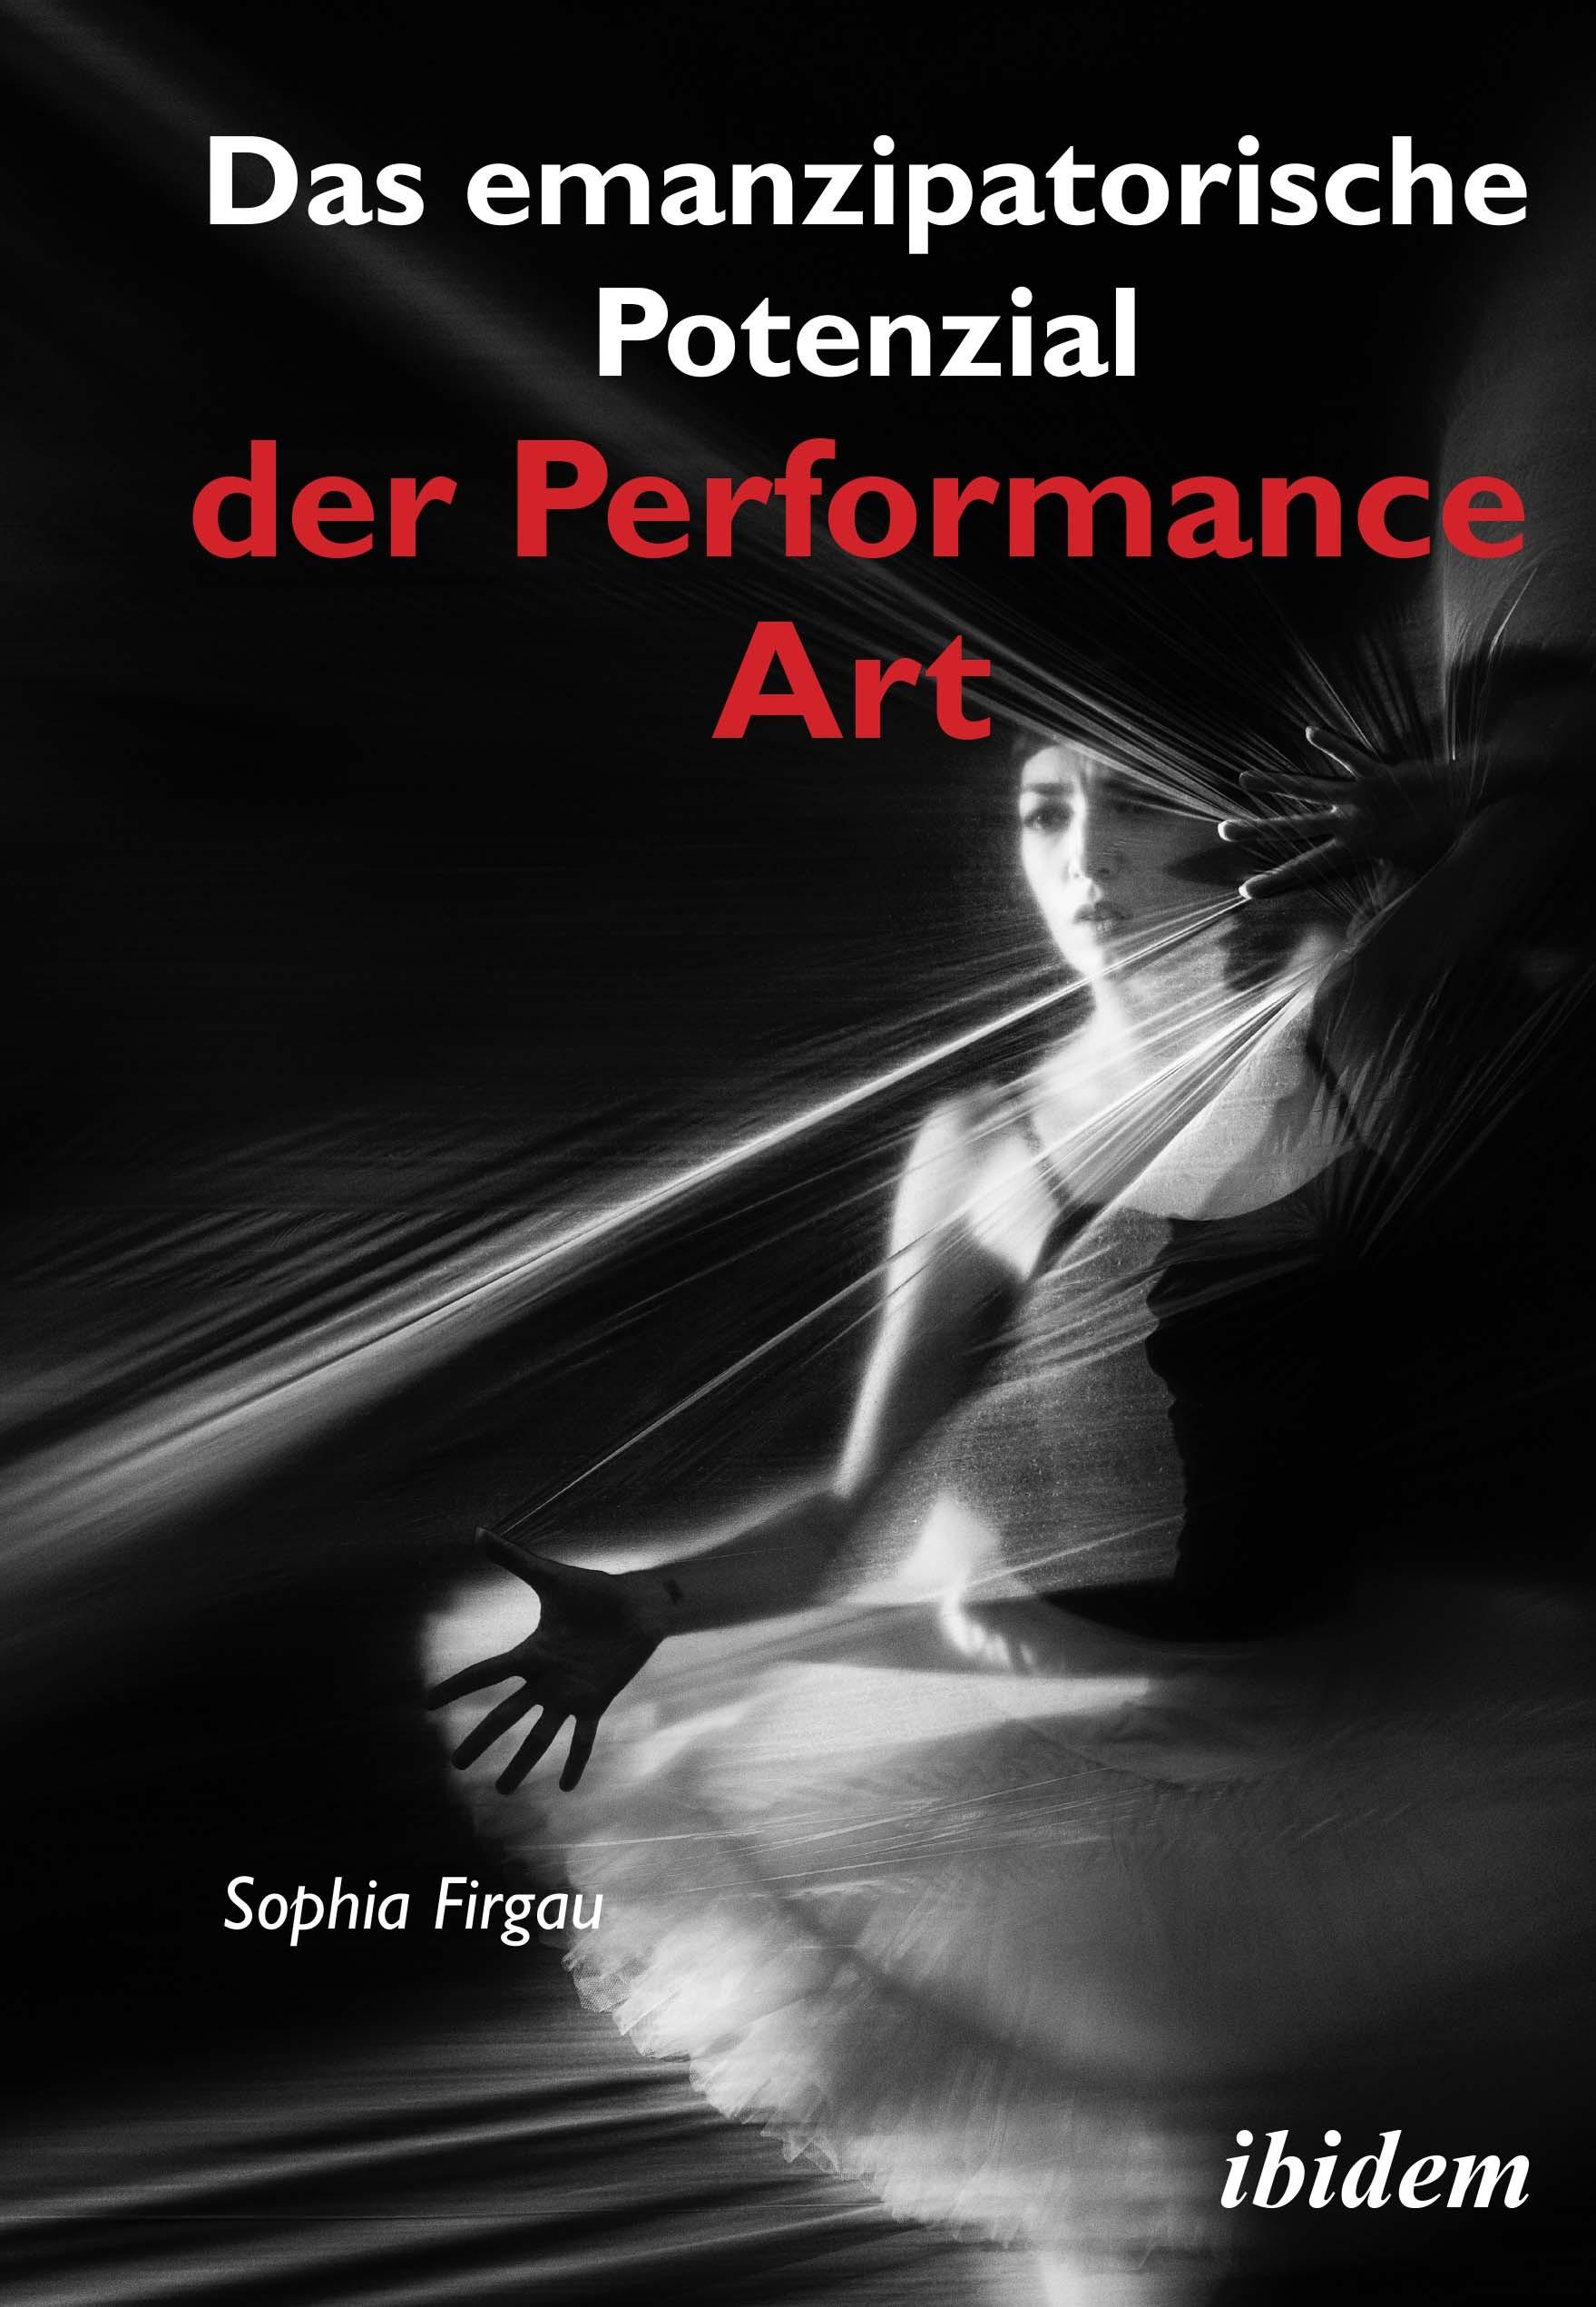 Das emanzipatorische Potenzial der Performance Art